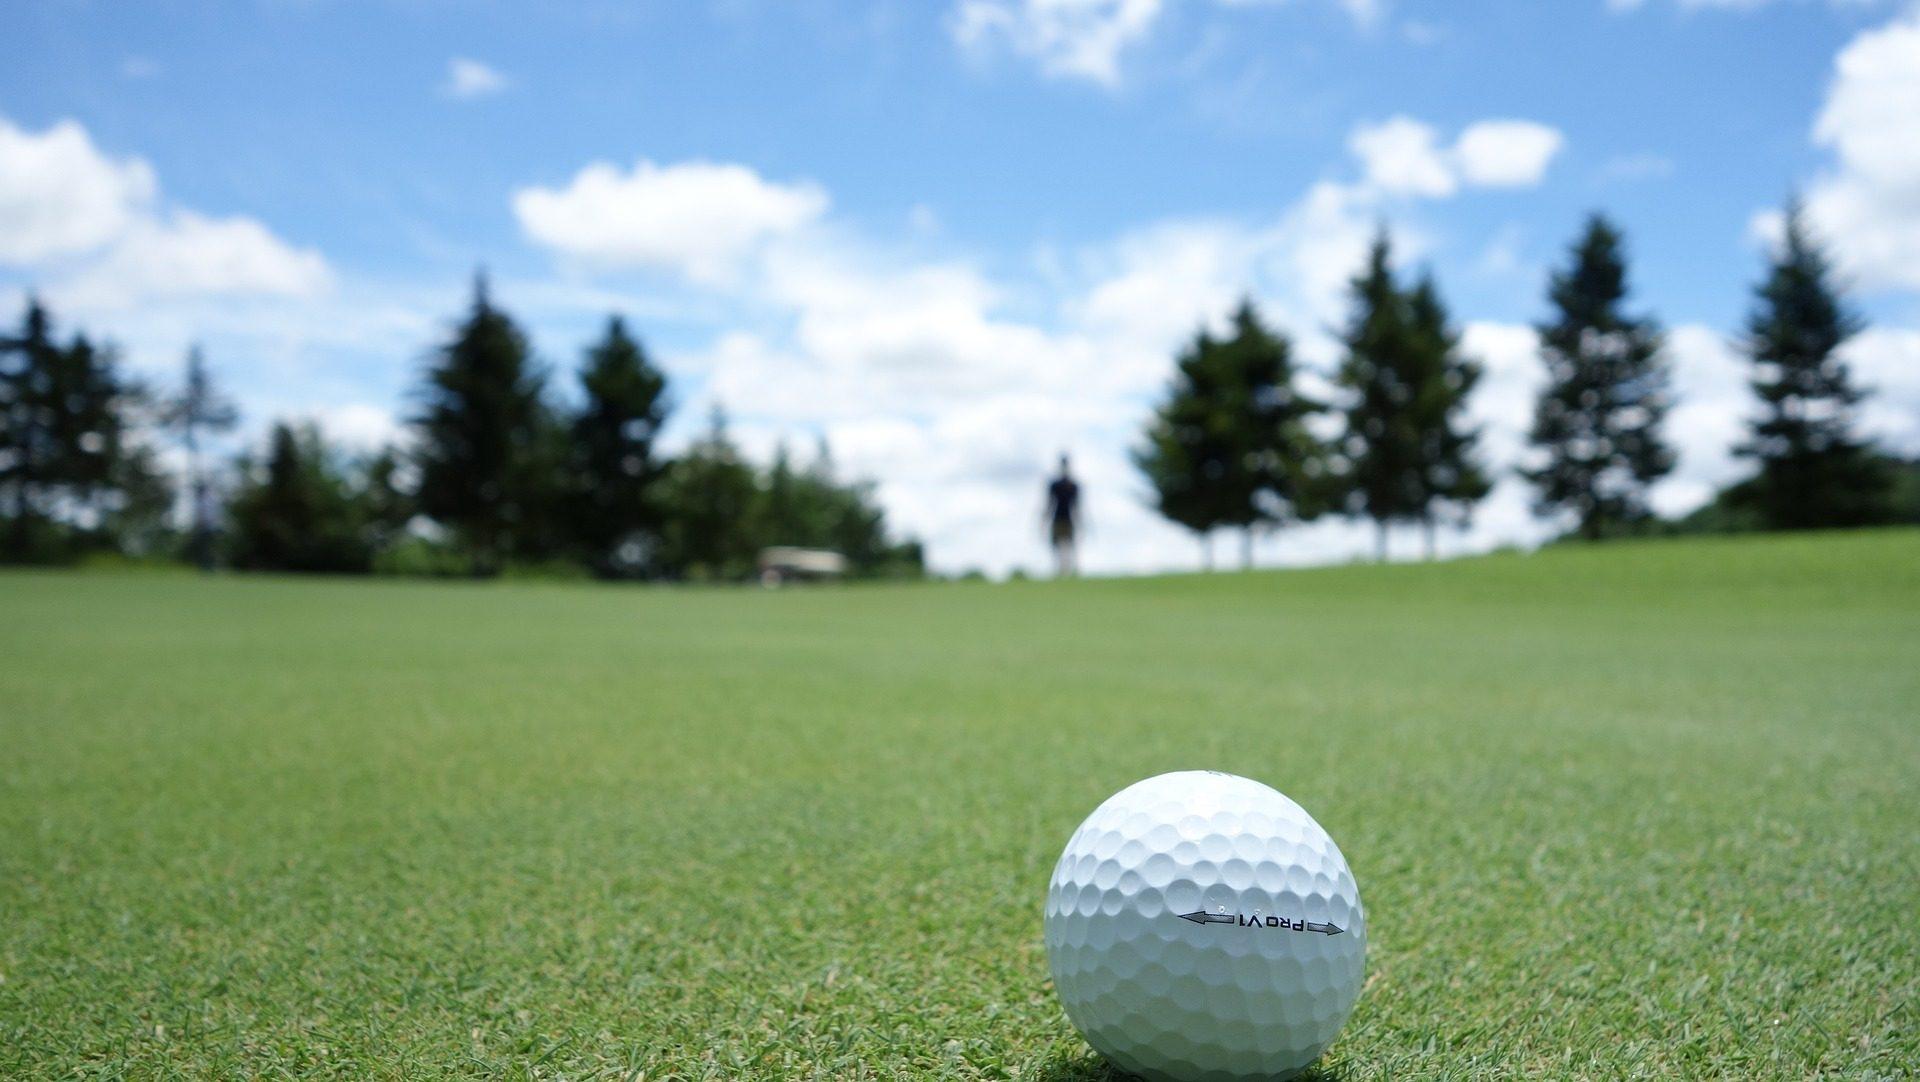 Golf, Feld, Rasen, Kugel, Grün, Silhouette, Bäume, Himmel, Wolken - Wallpaper HD - Prof.-falken.com